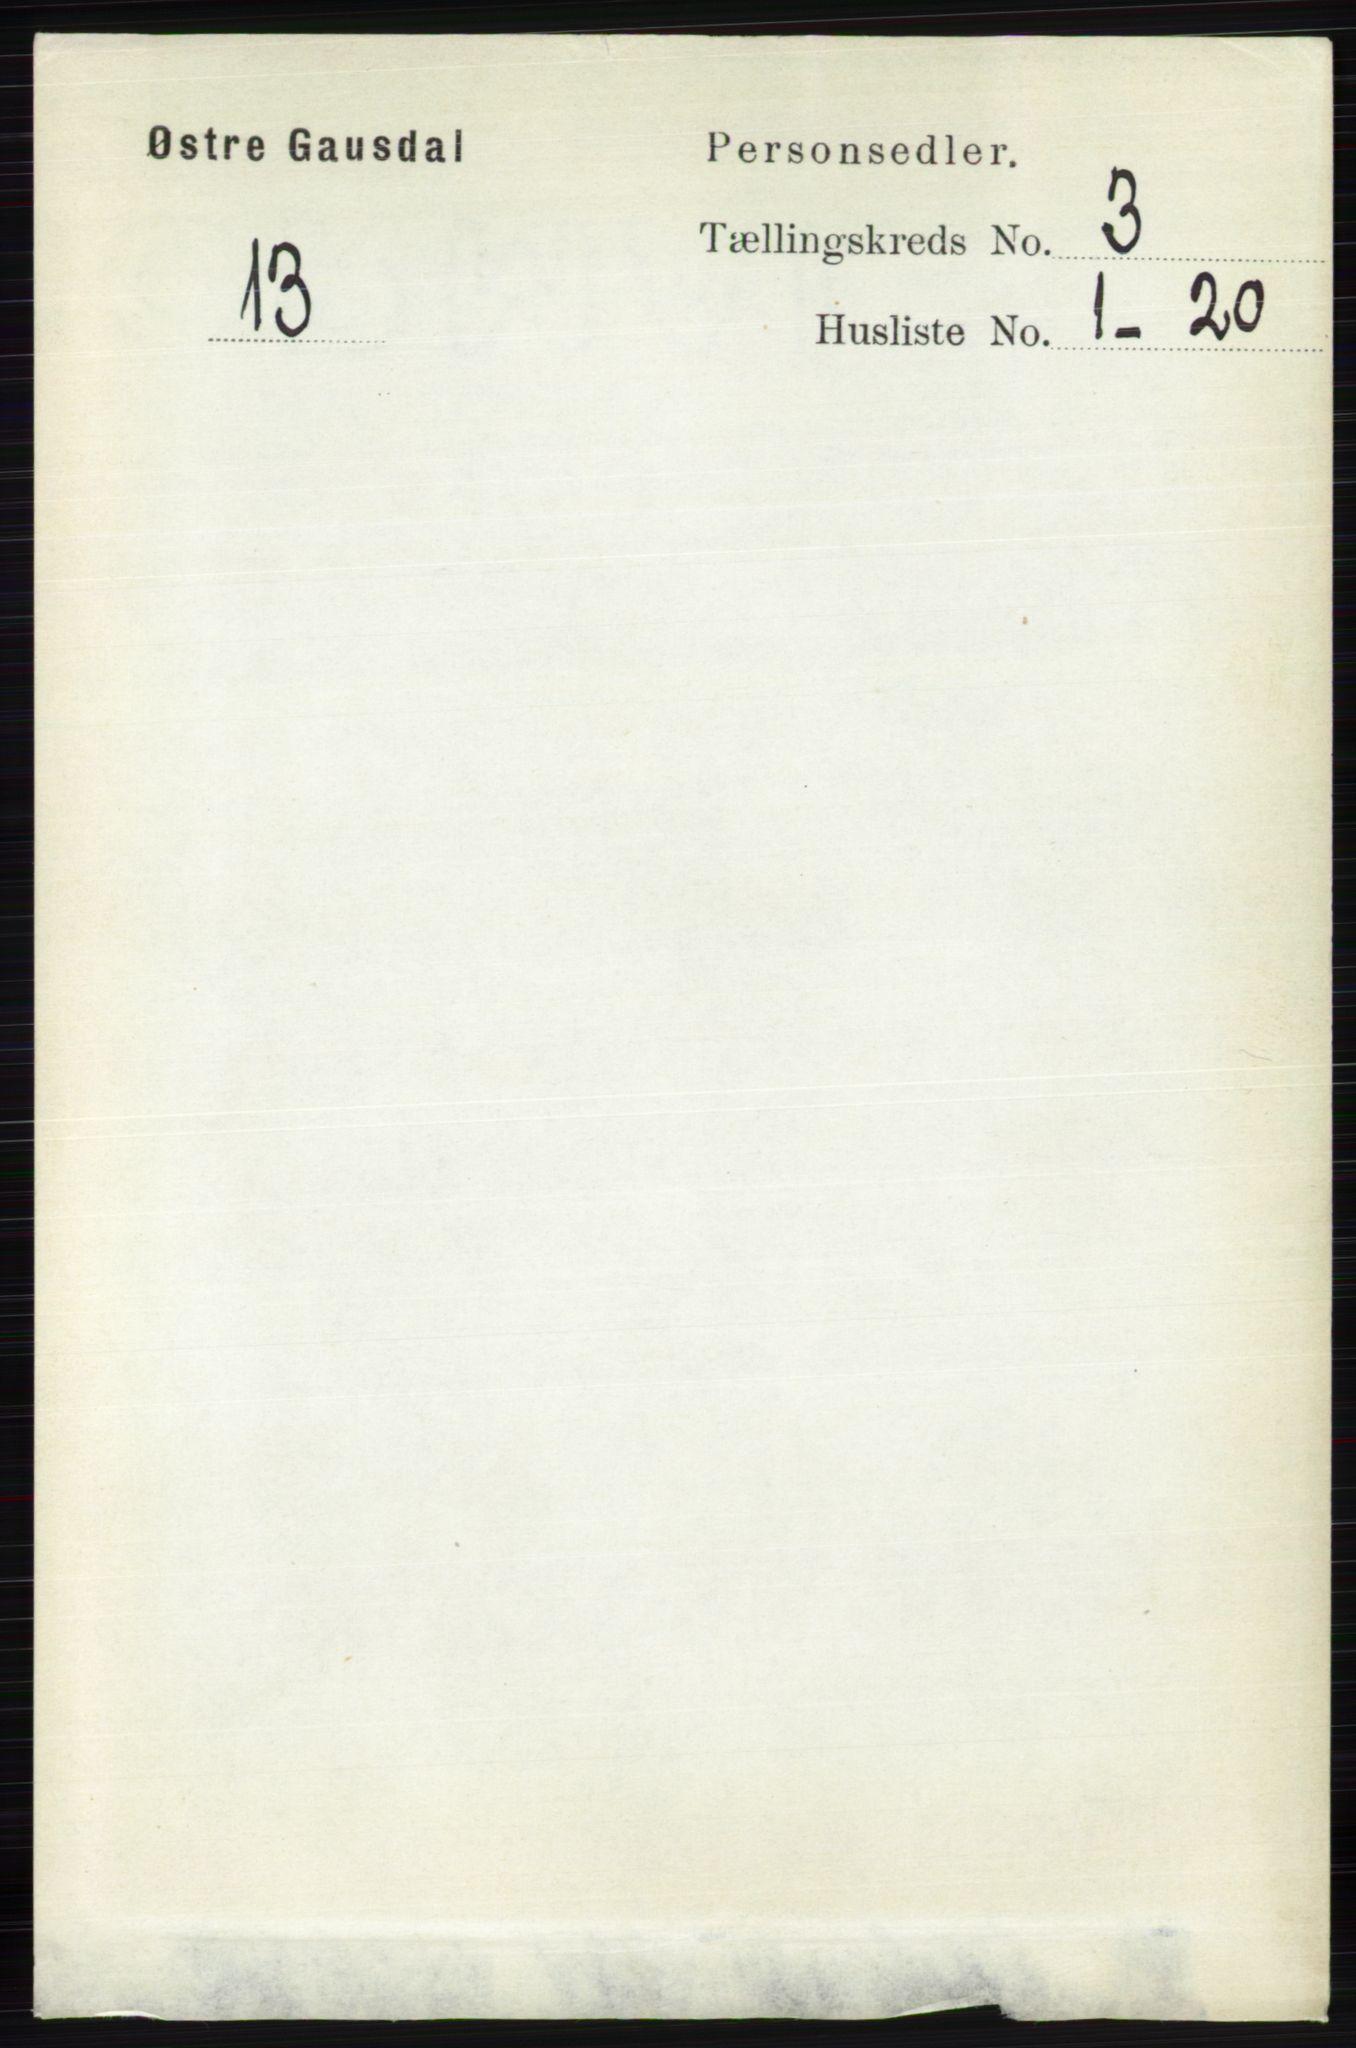 RA, Folketelling 1891 for 0522 Østre Gausdal herred, 1891, s. 1703